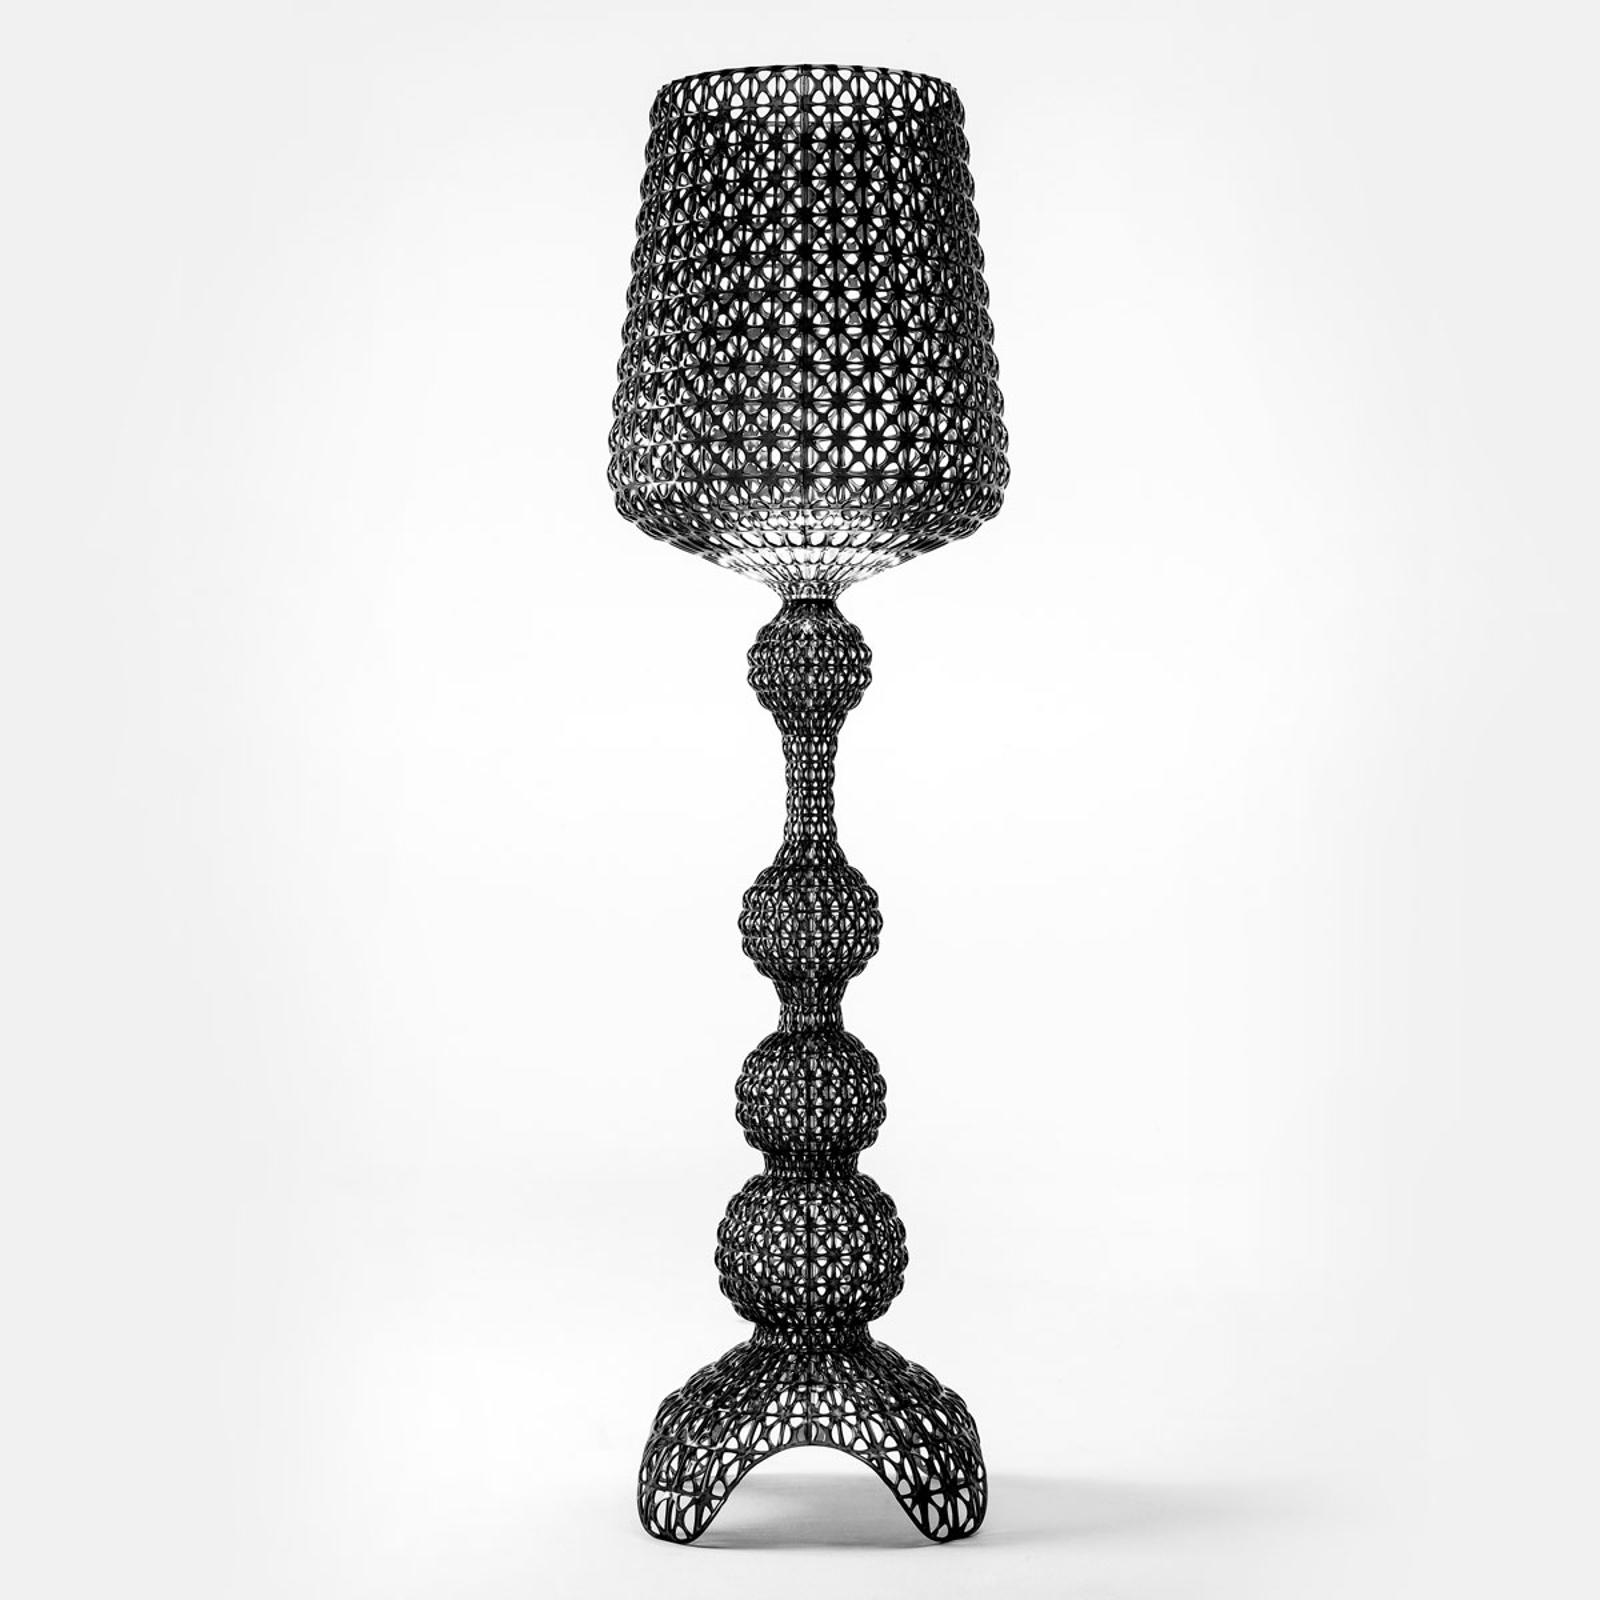 Lampadaire de designer Kabuki avec LED, noir